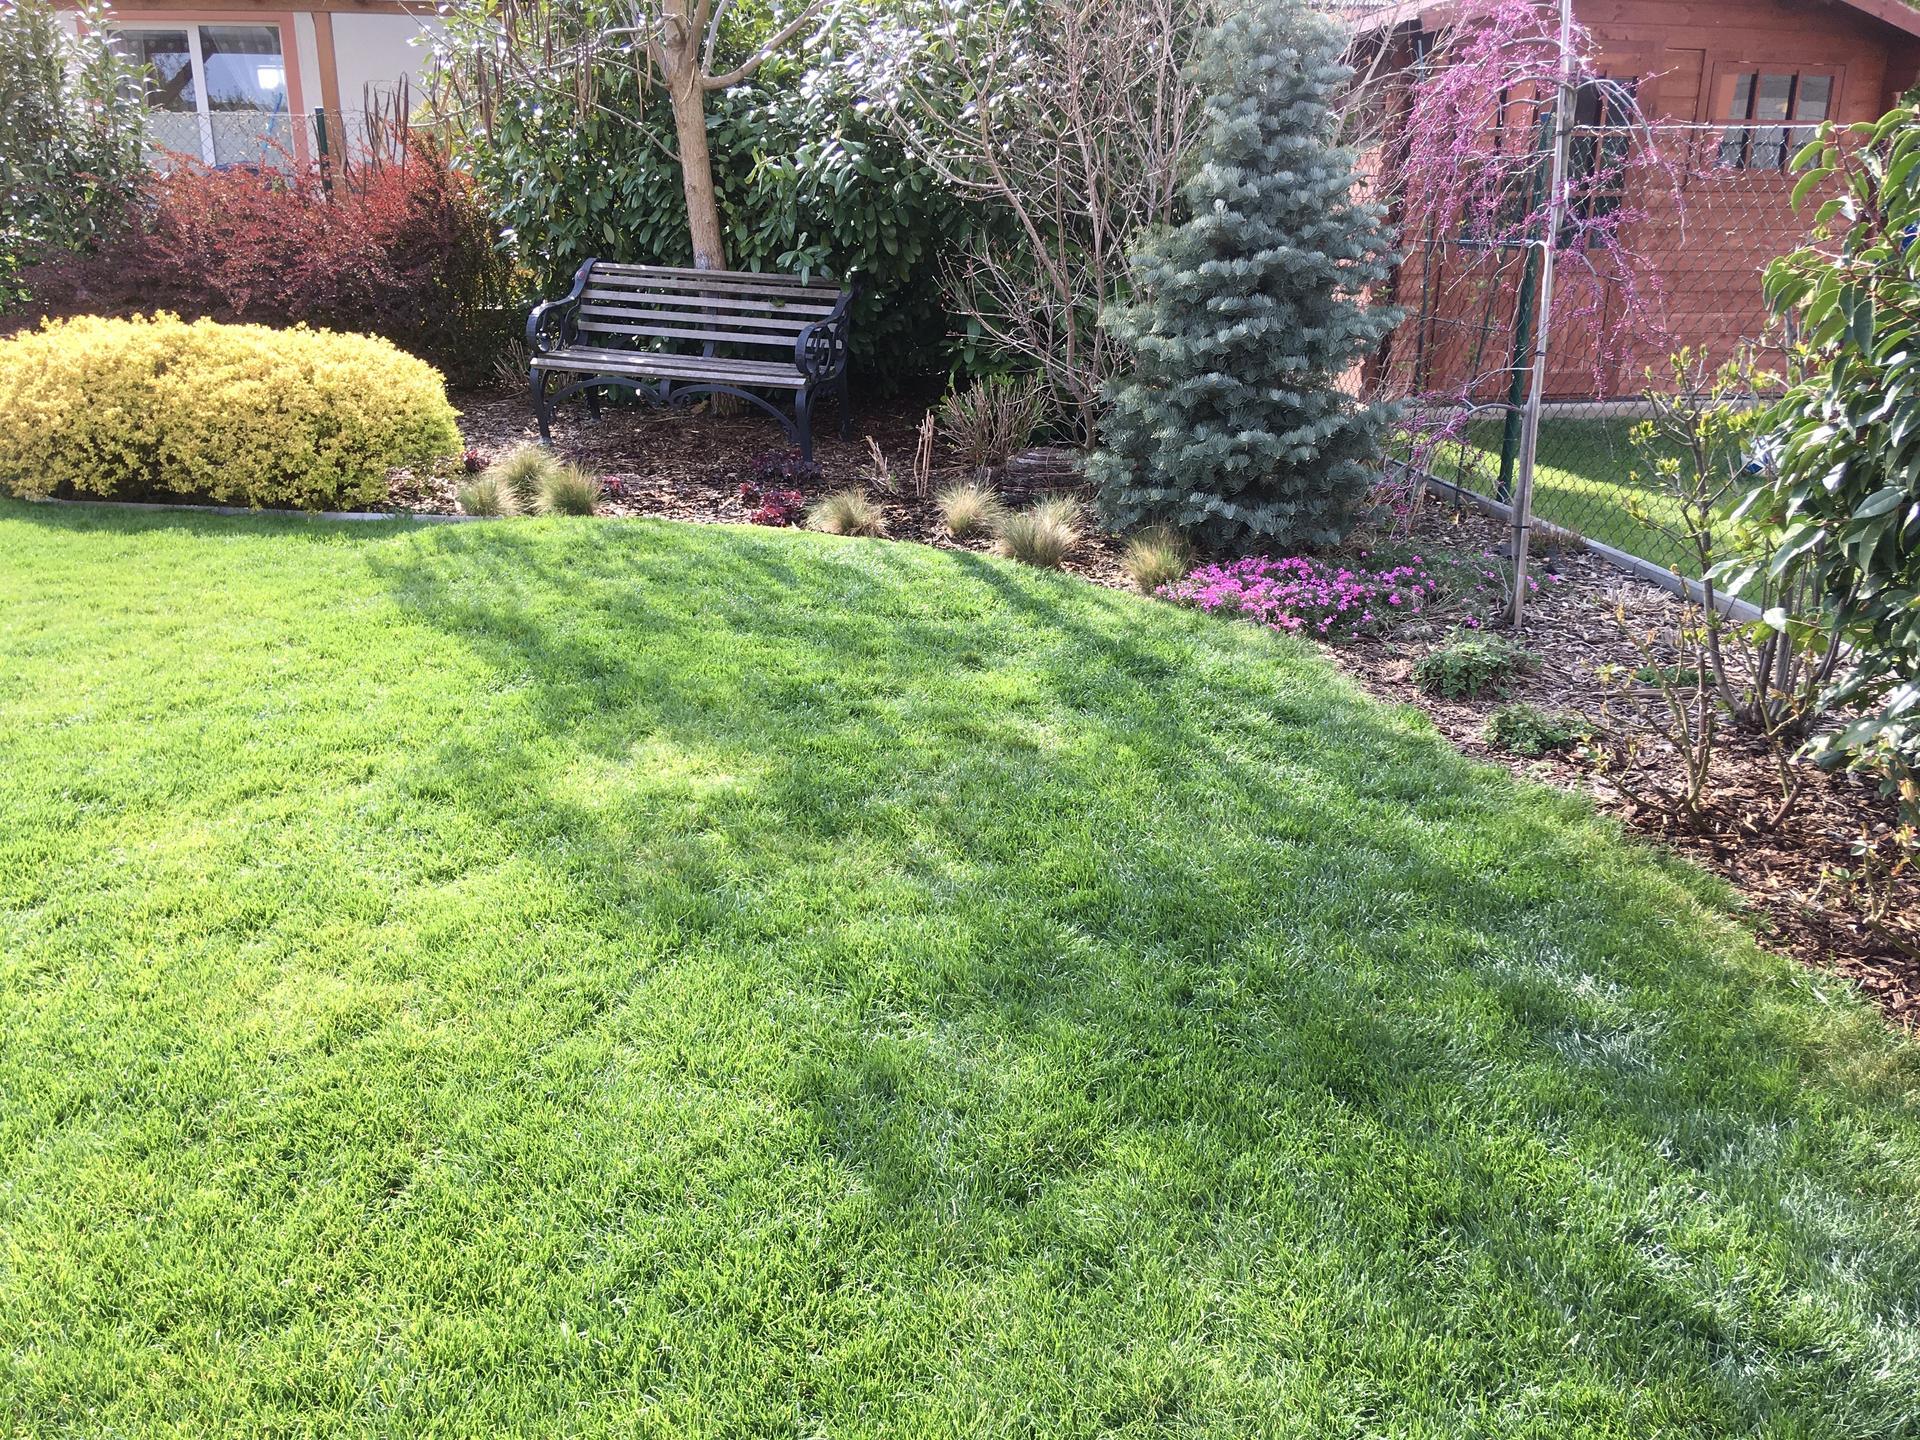 Zahrada 2020 - trava posekana.. uz se to docela zelena 😍!